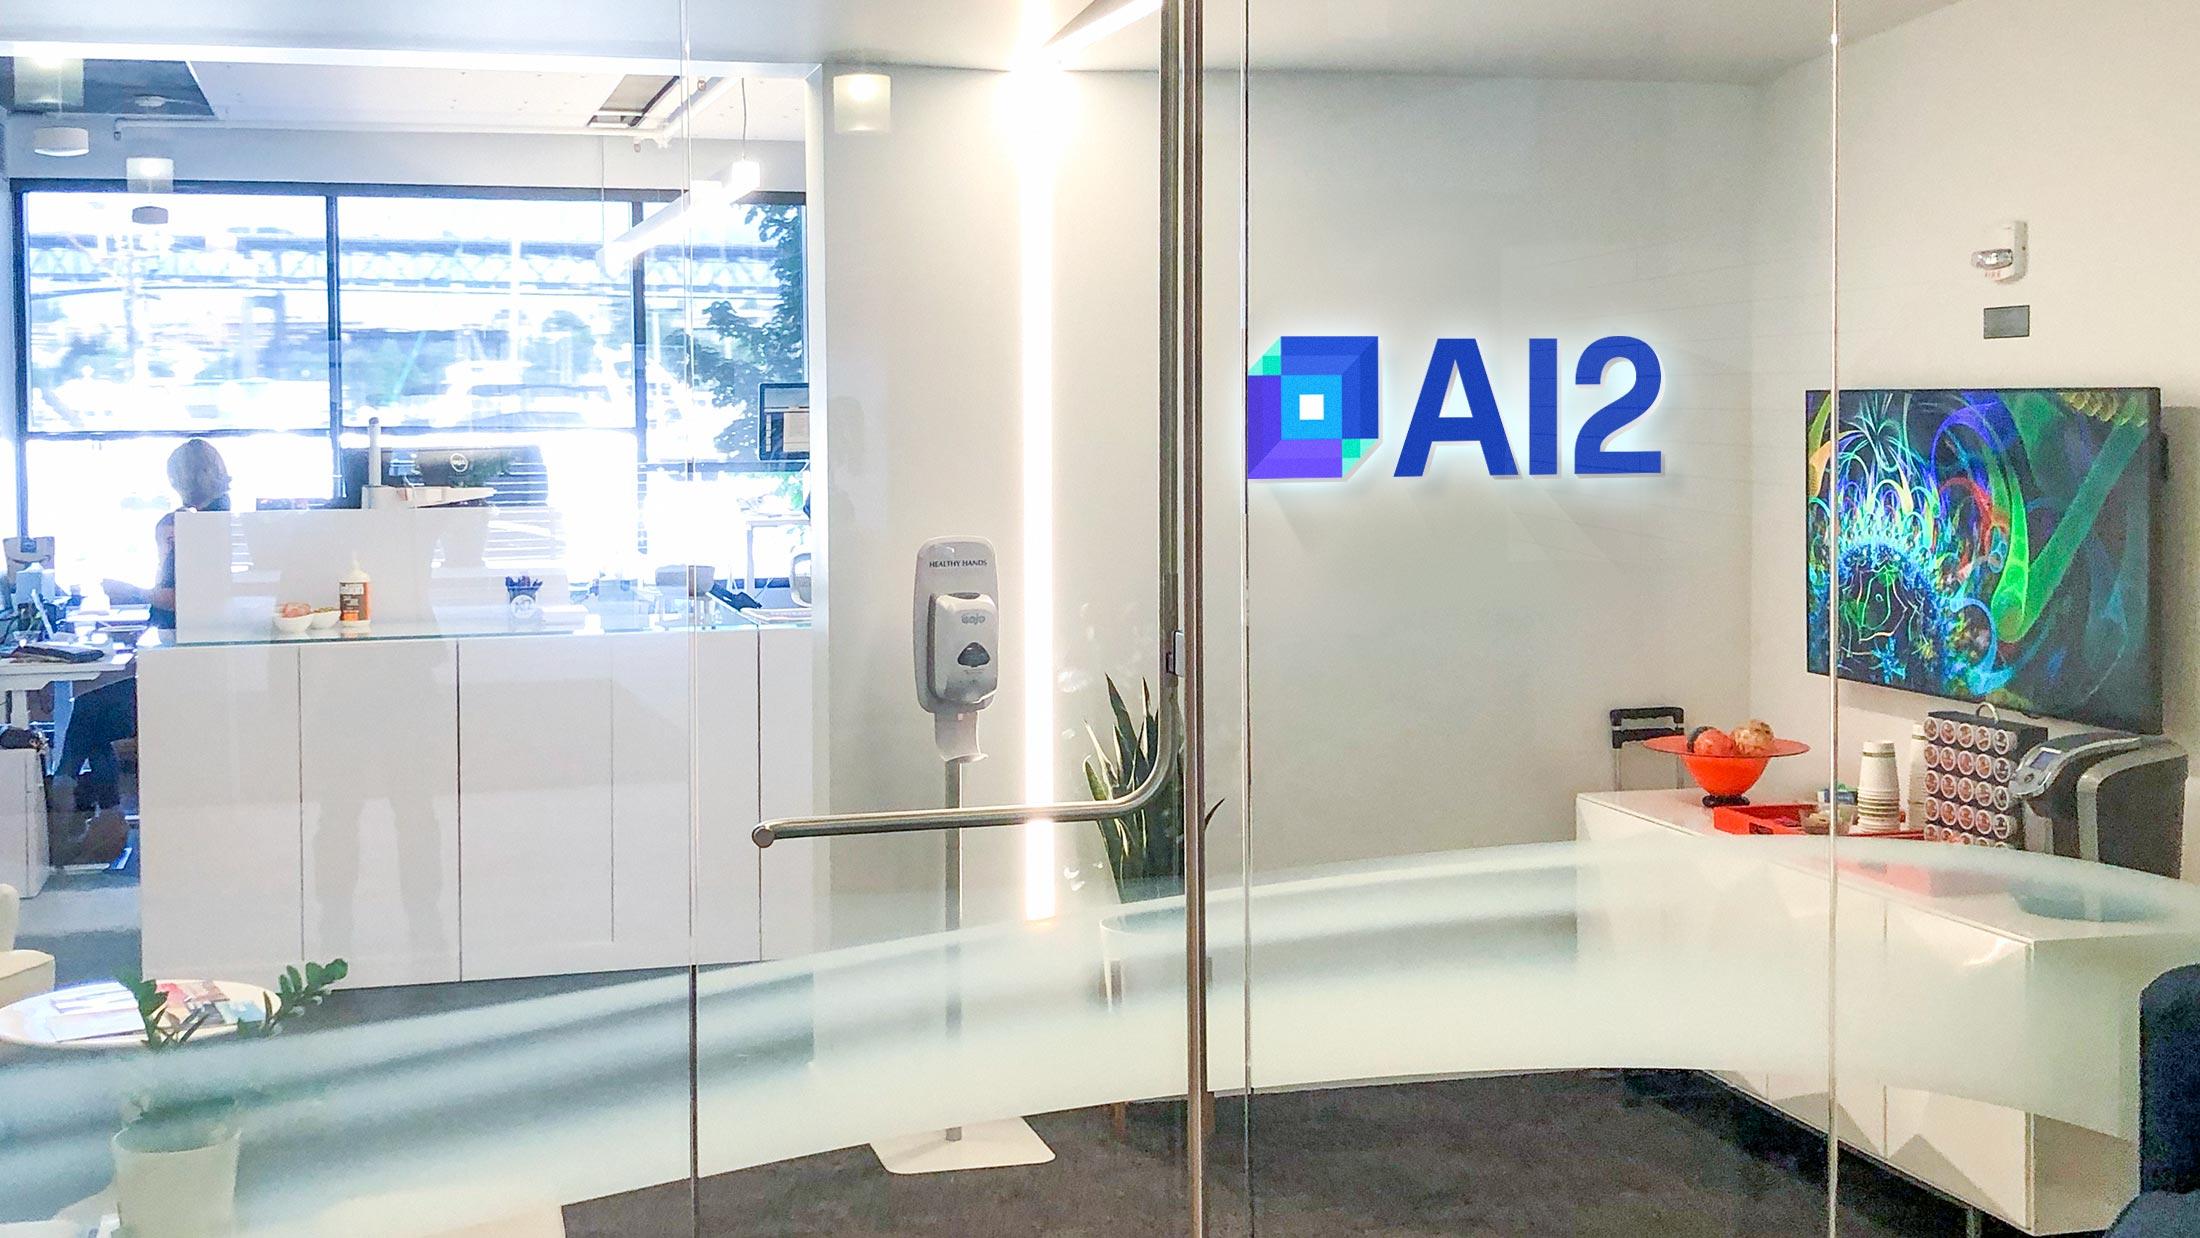 c3-sign-entrance